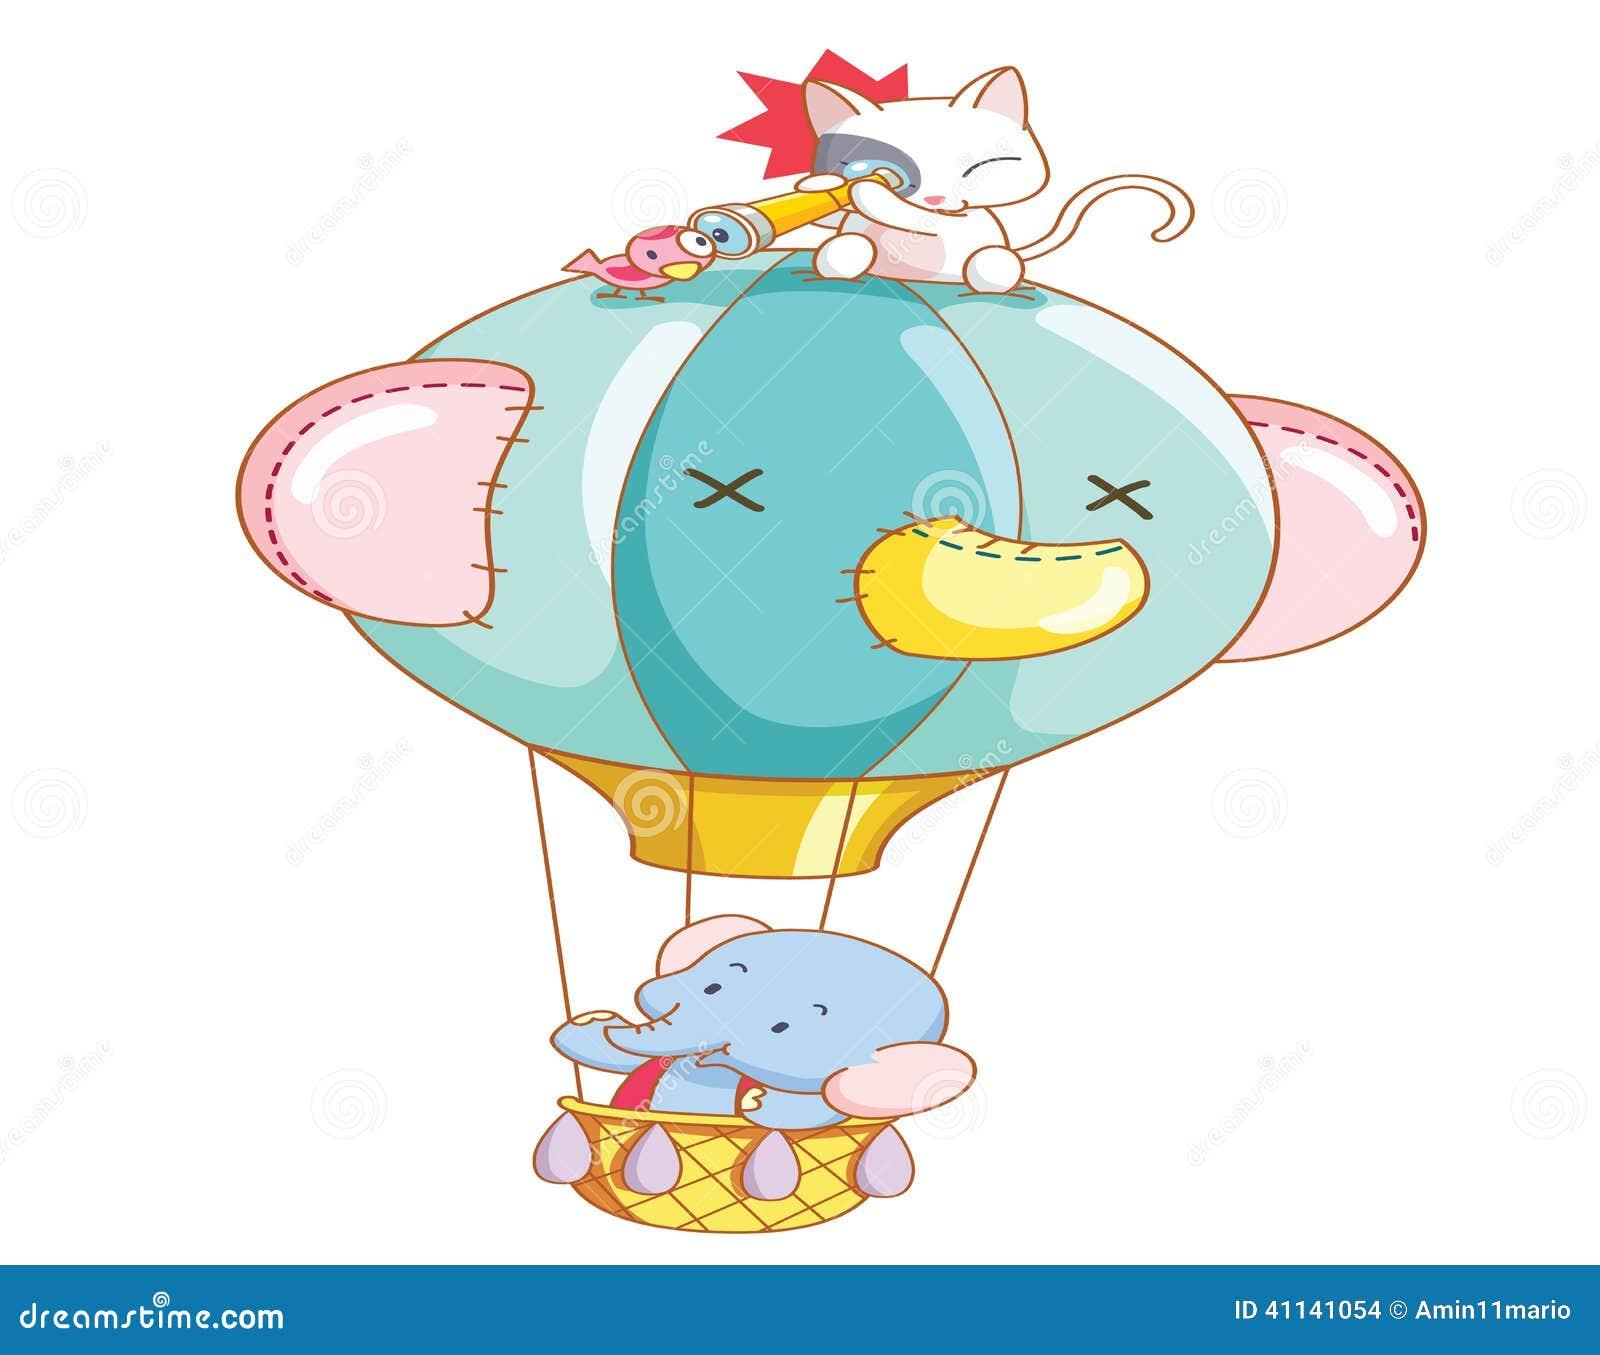 Kreskówka słoń i kot byliśmy lotniczego balonu przejażdżką